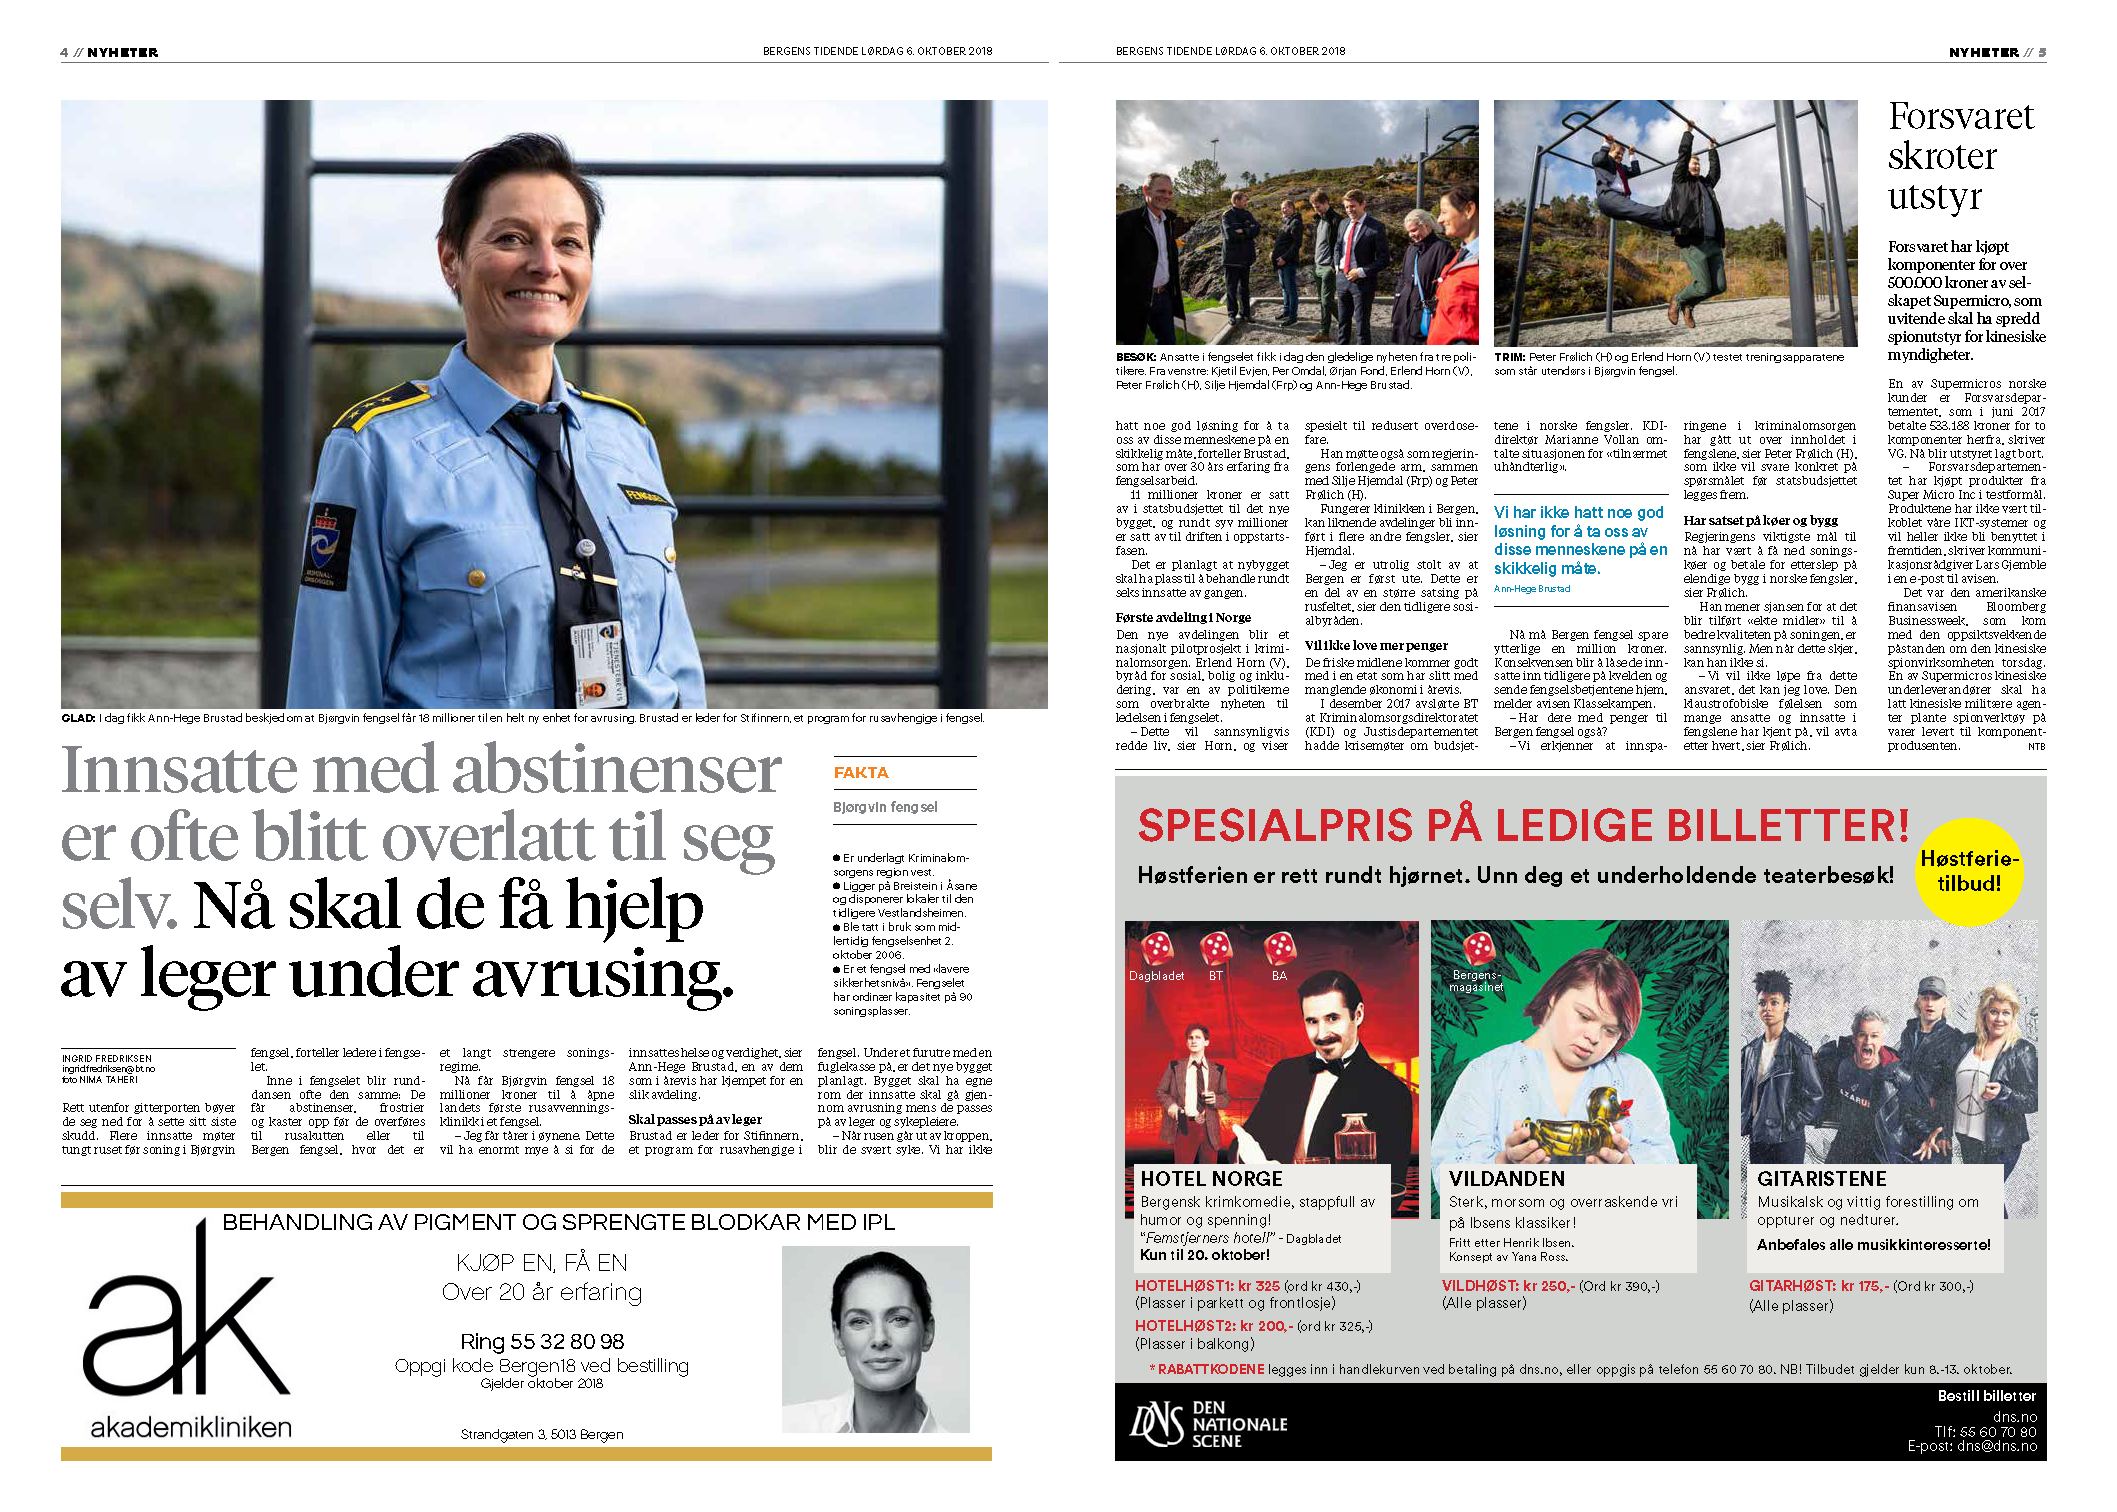 2018-10-06_Bergens_Tidende_2018-10-06_Page_000.jpg